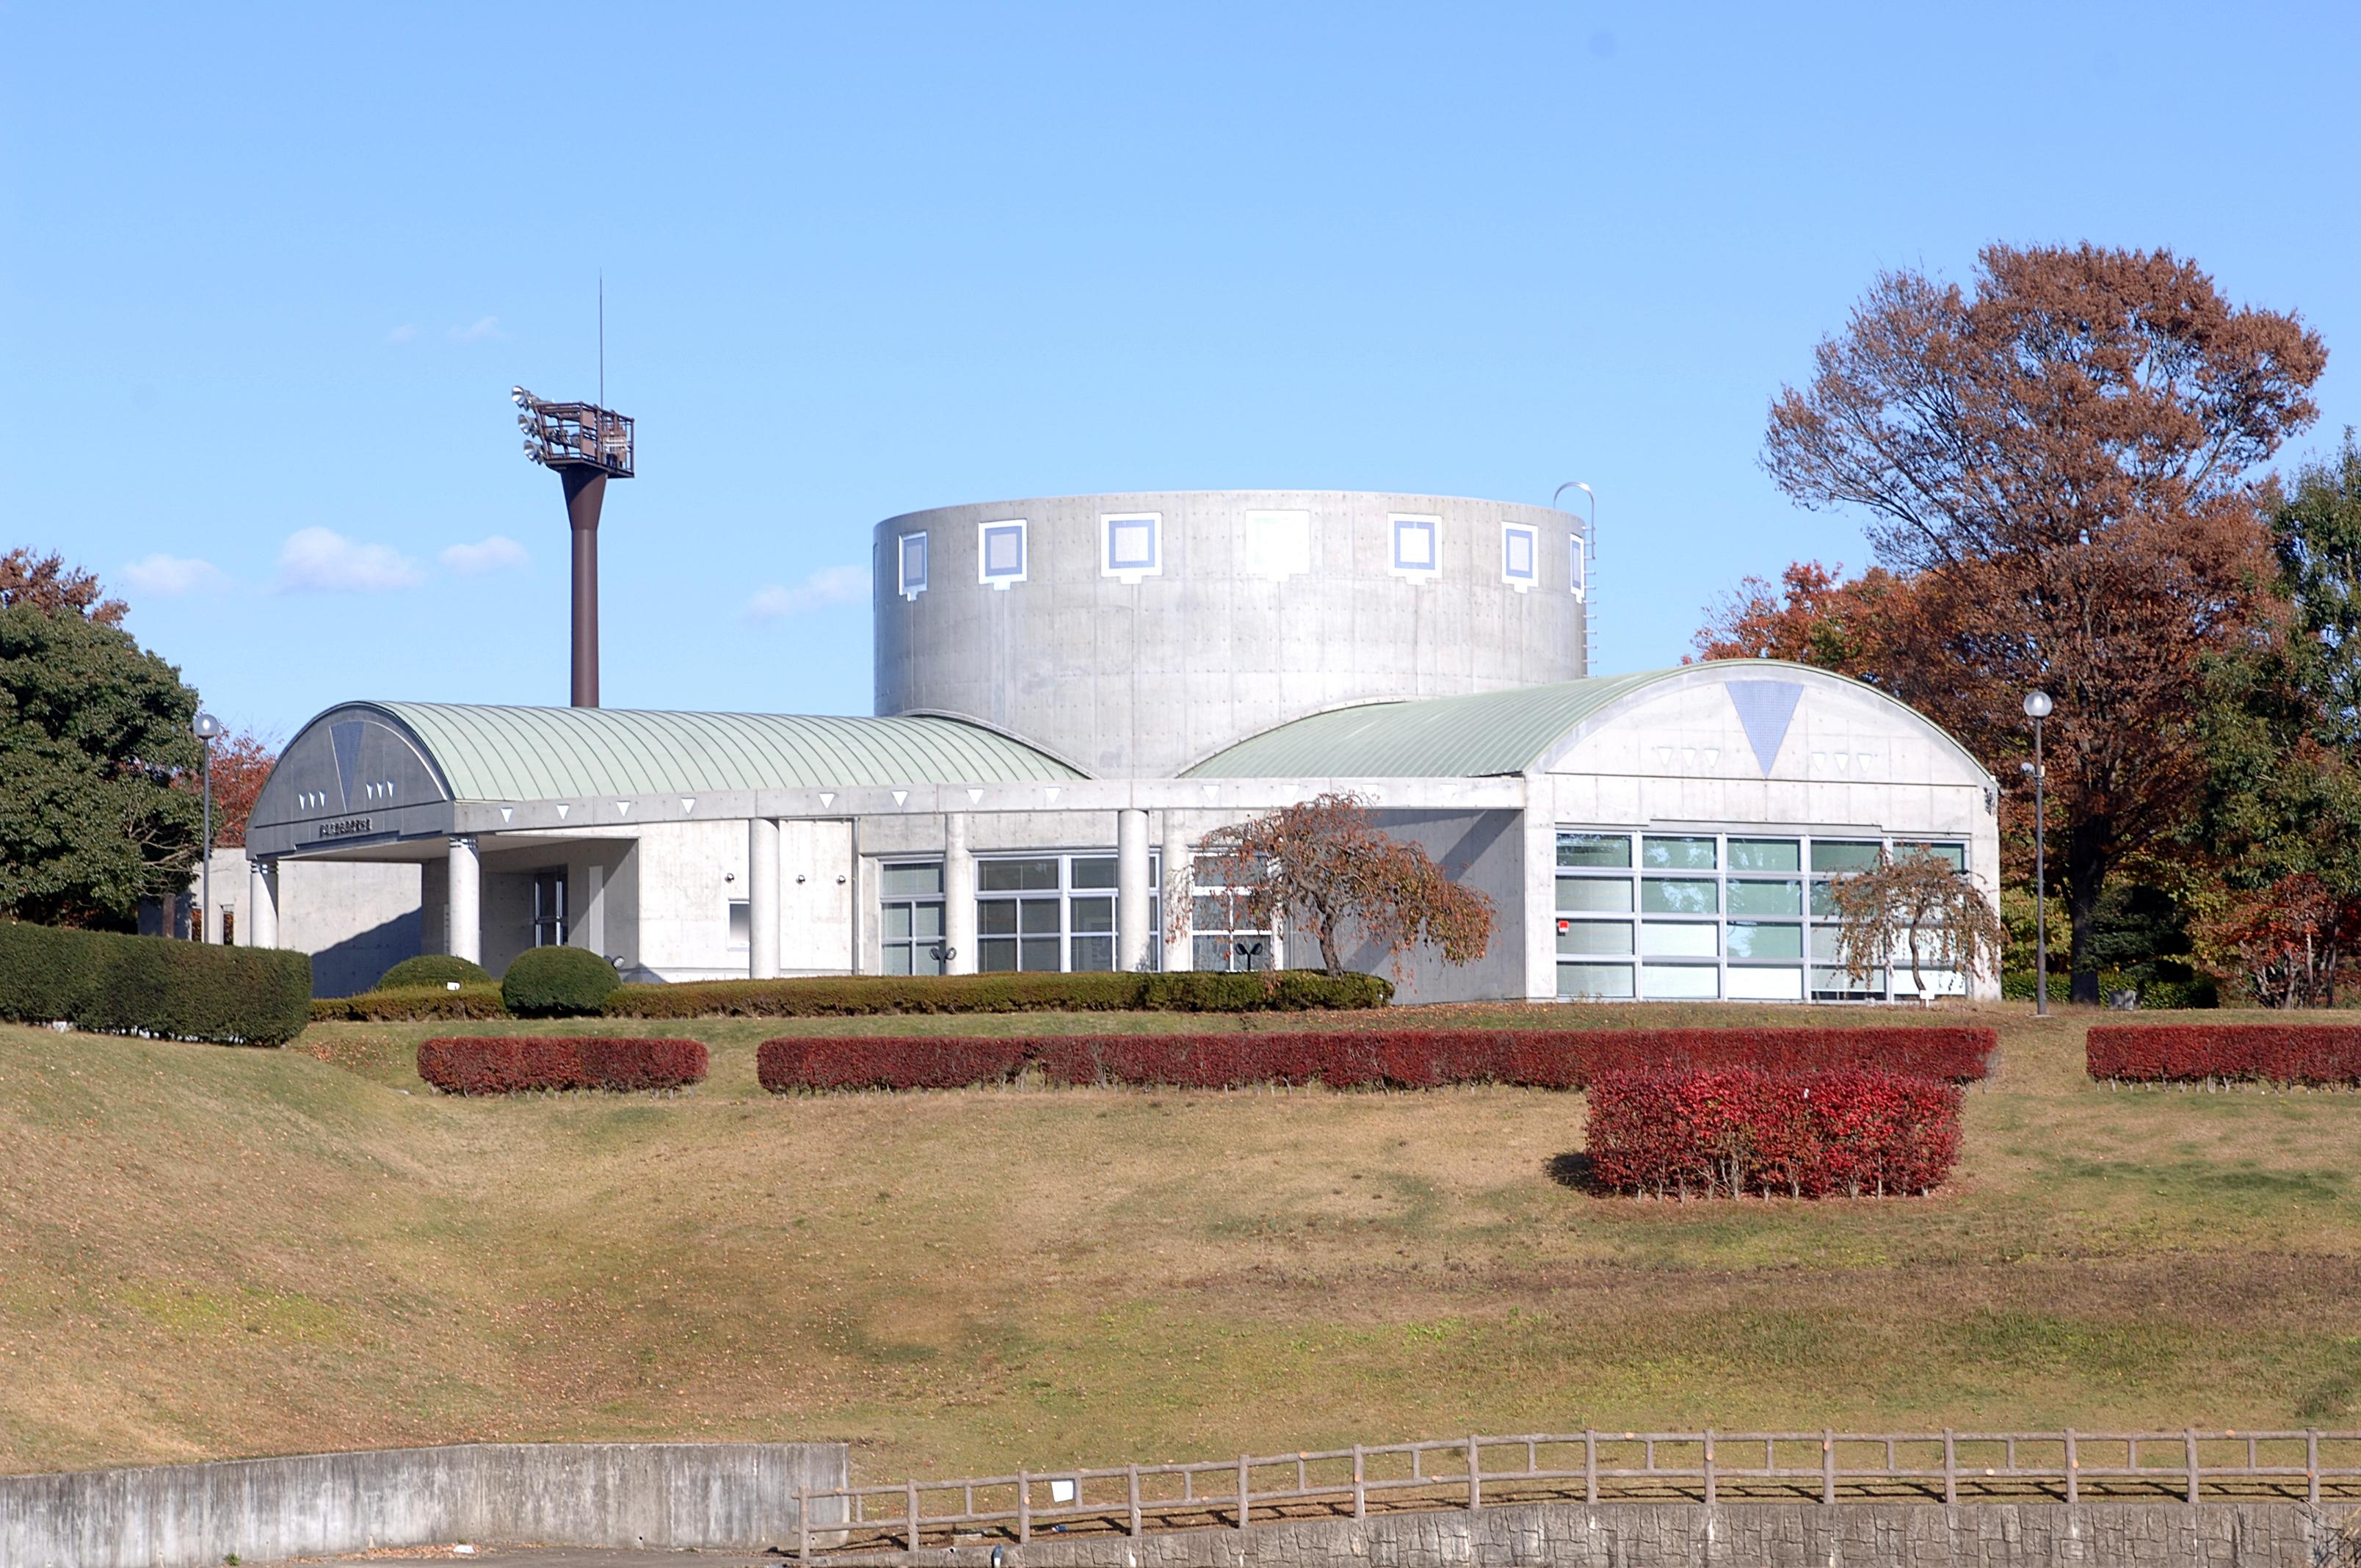 施設:歴史民俗資料館